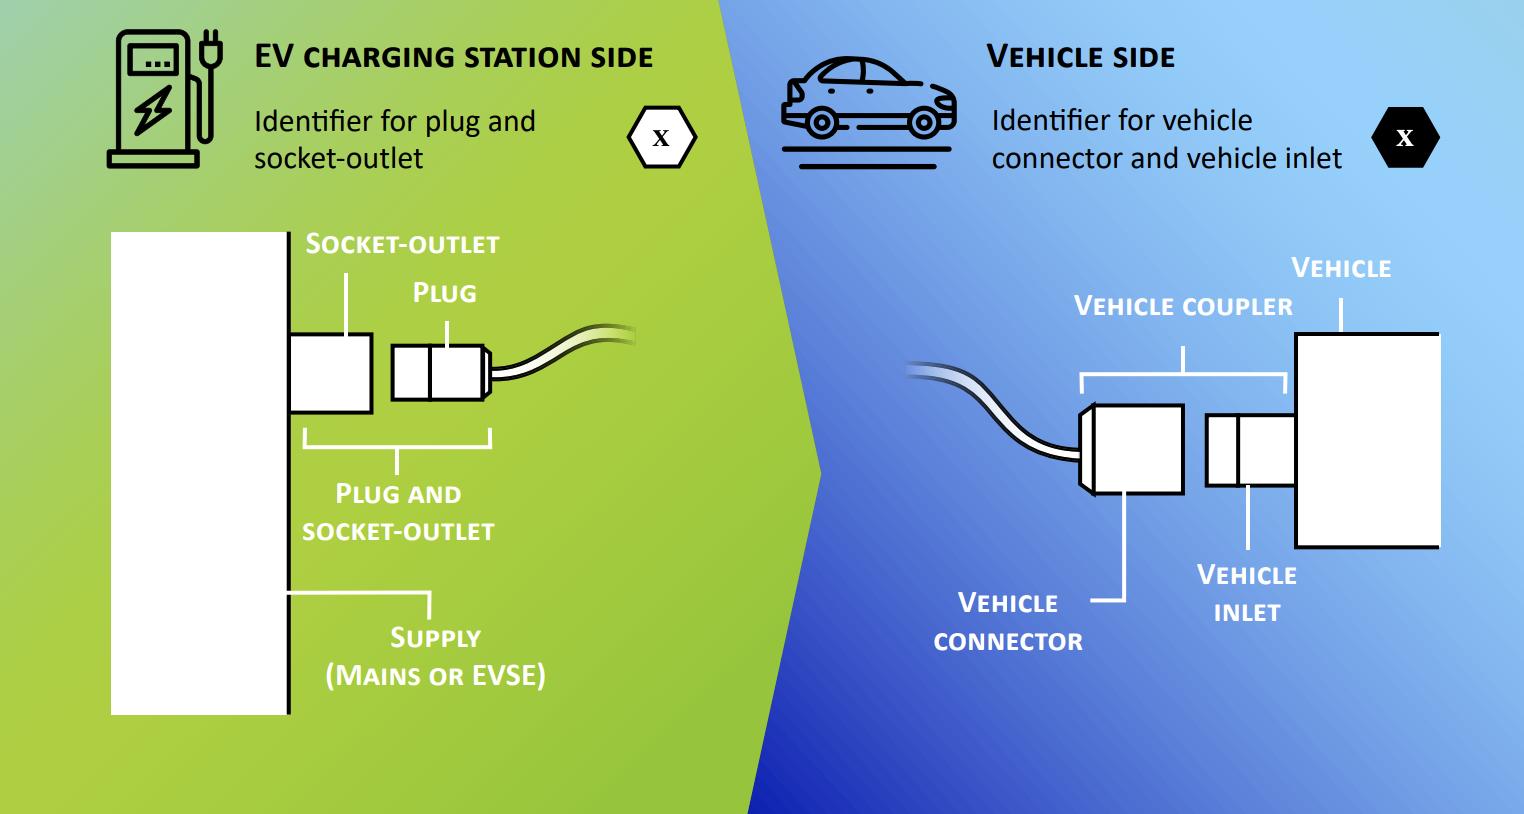 В Європі на електротранспорт будуть наносити спеціальні позначки: що це означає